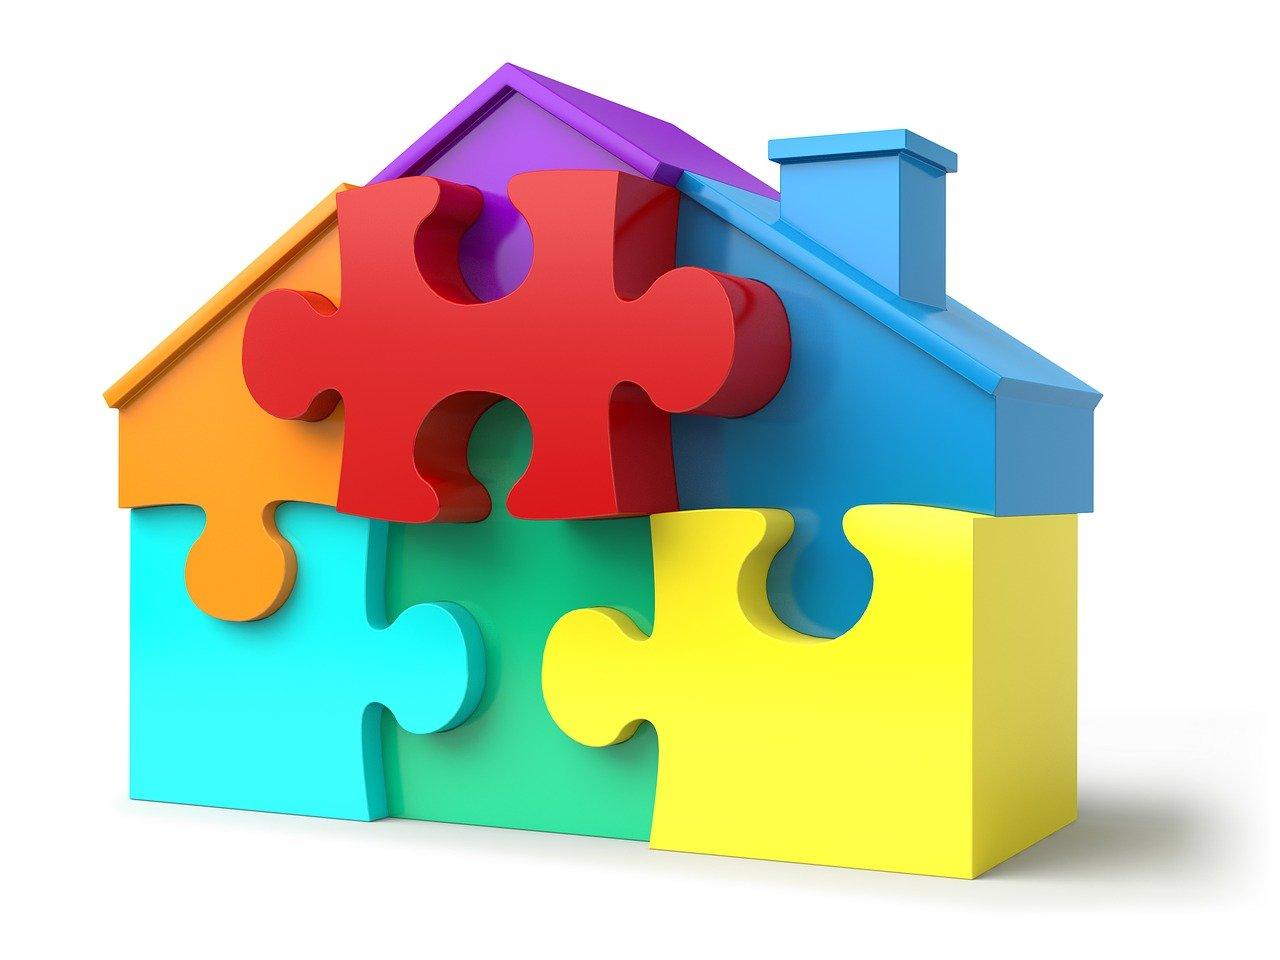 Trigg lança serviço de assistência residencial; conta digital está no radar